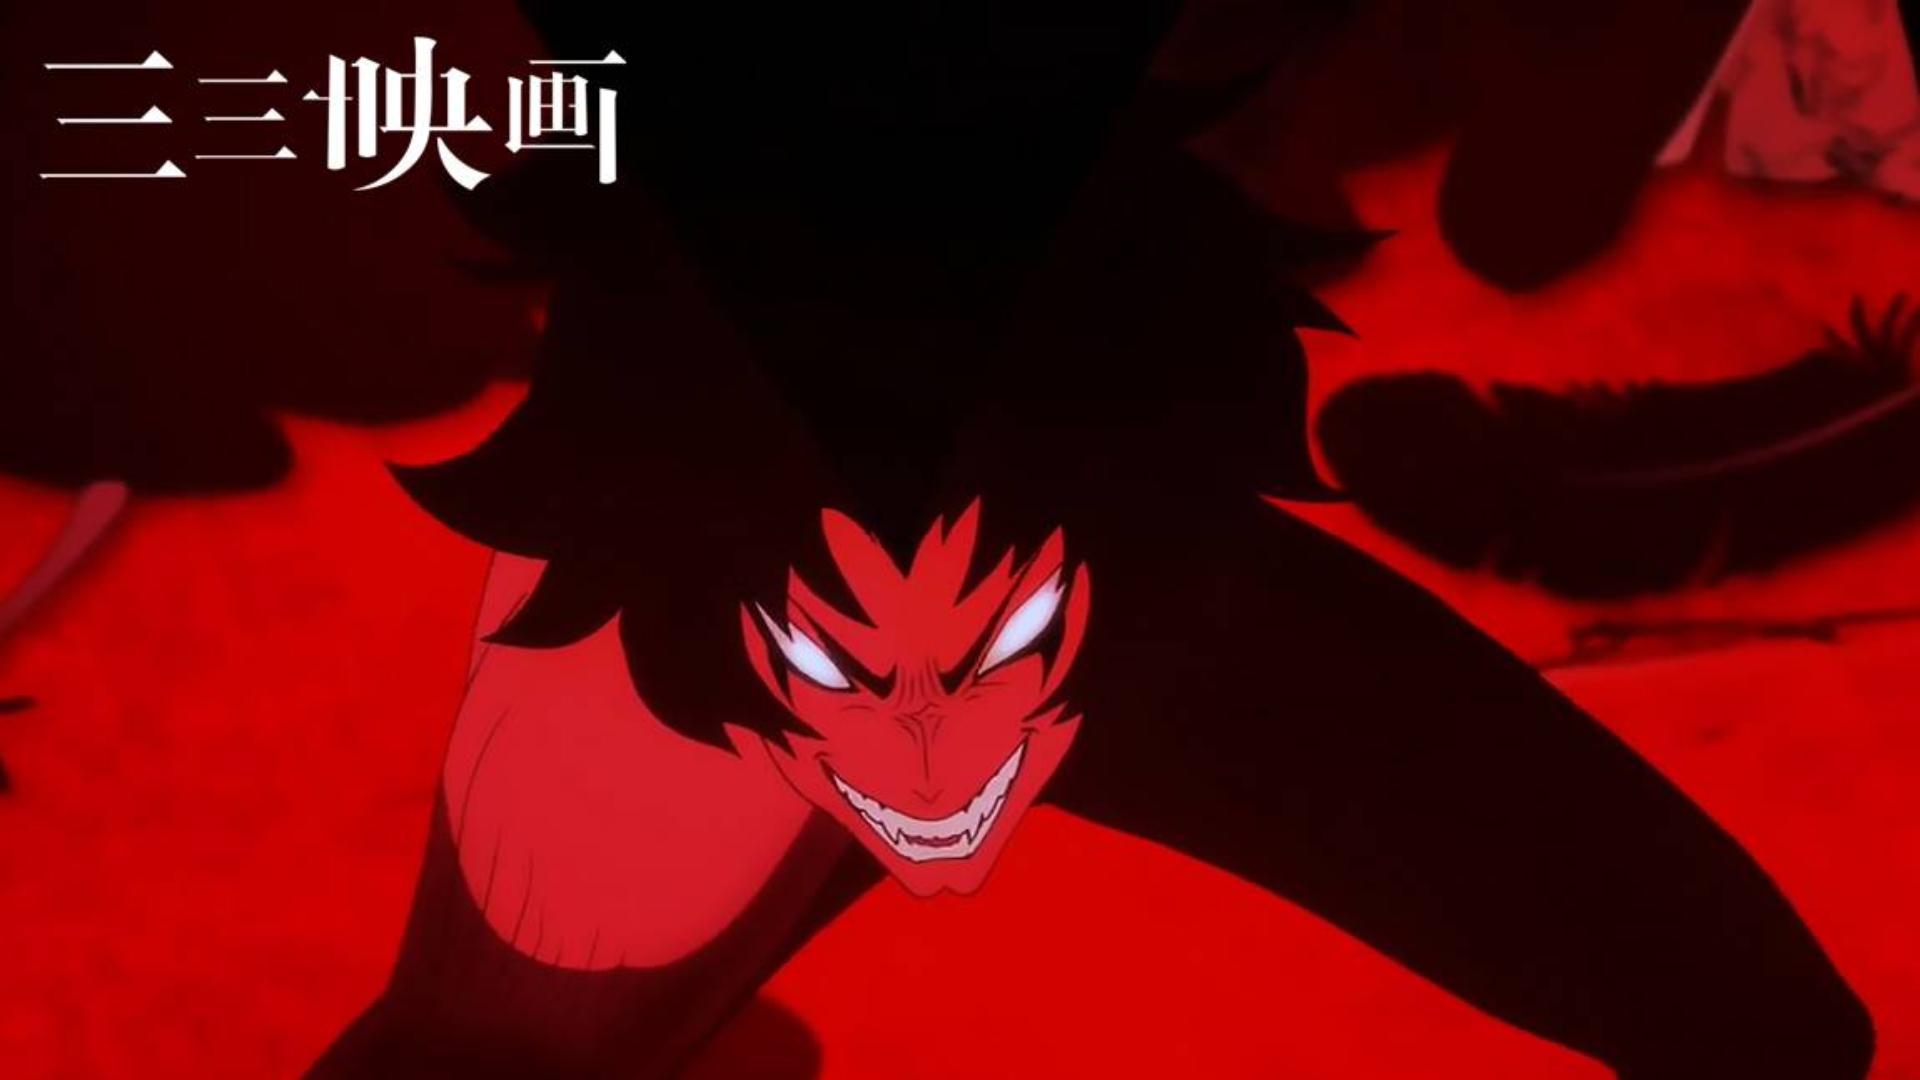 【恶魔人01】上世纪三大巨作之一,开创成人漫画先河,改编后引爆欧美圈